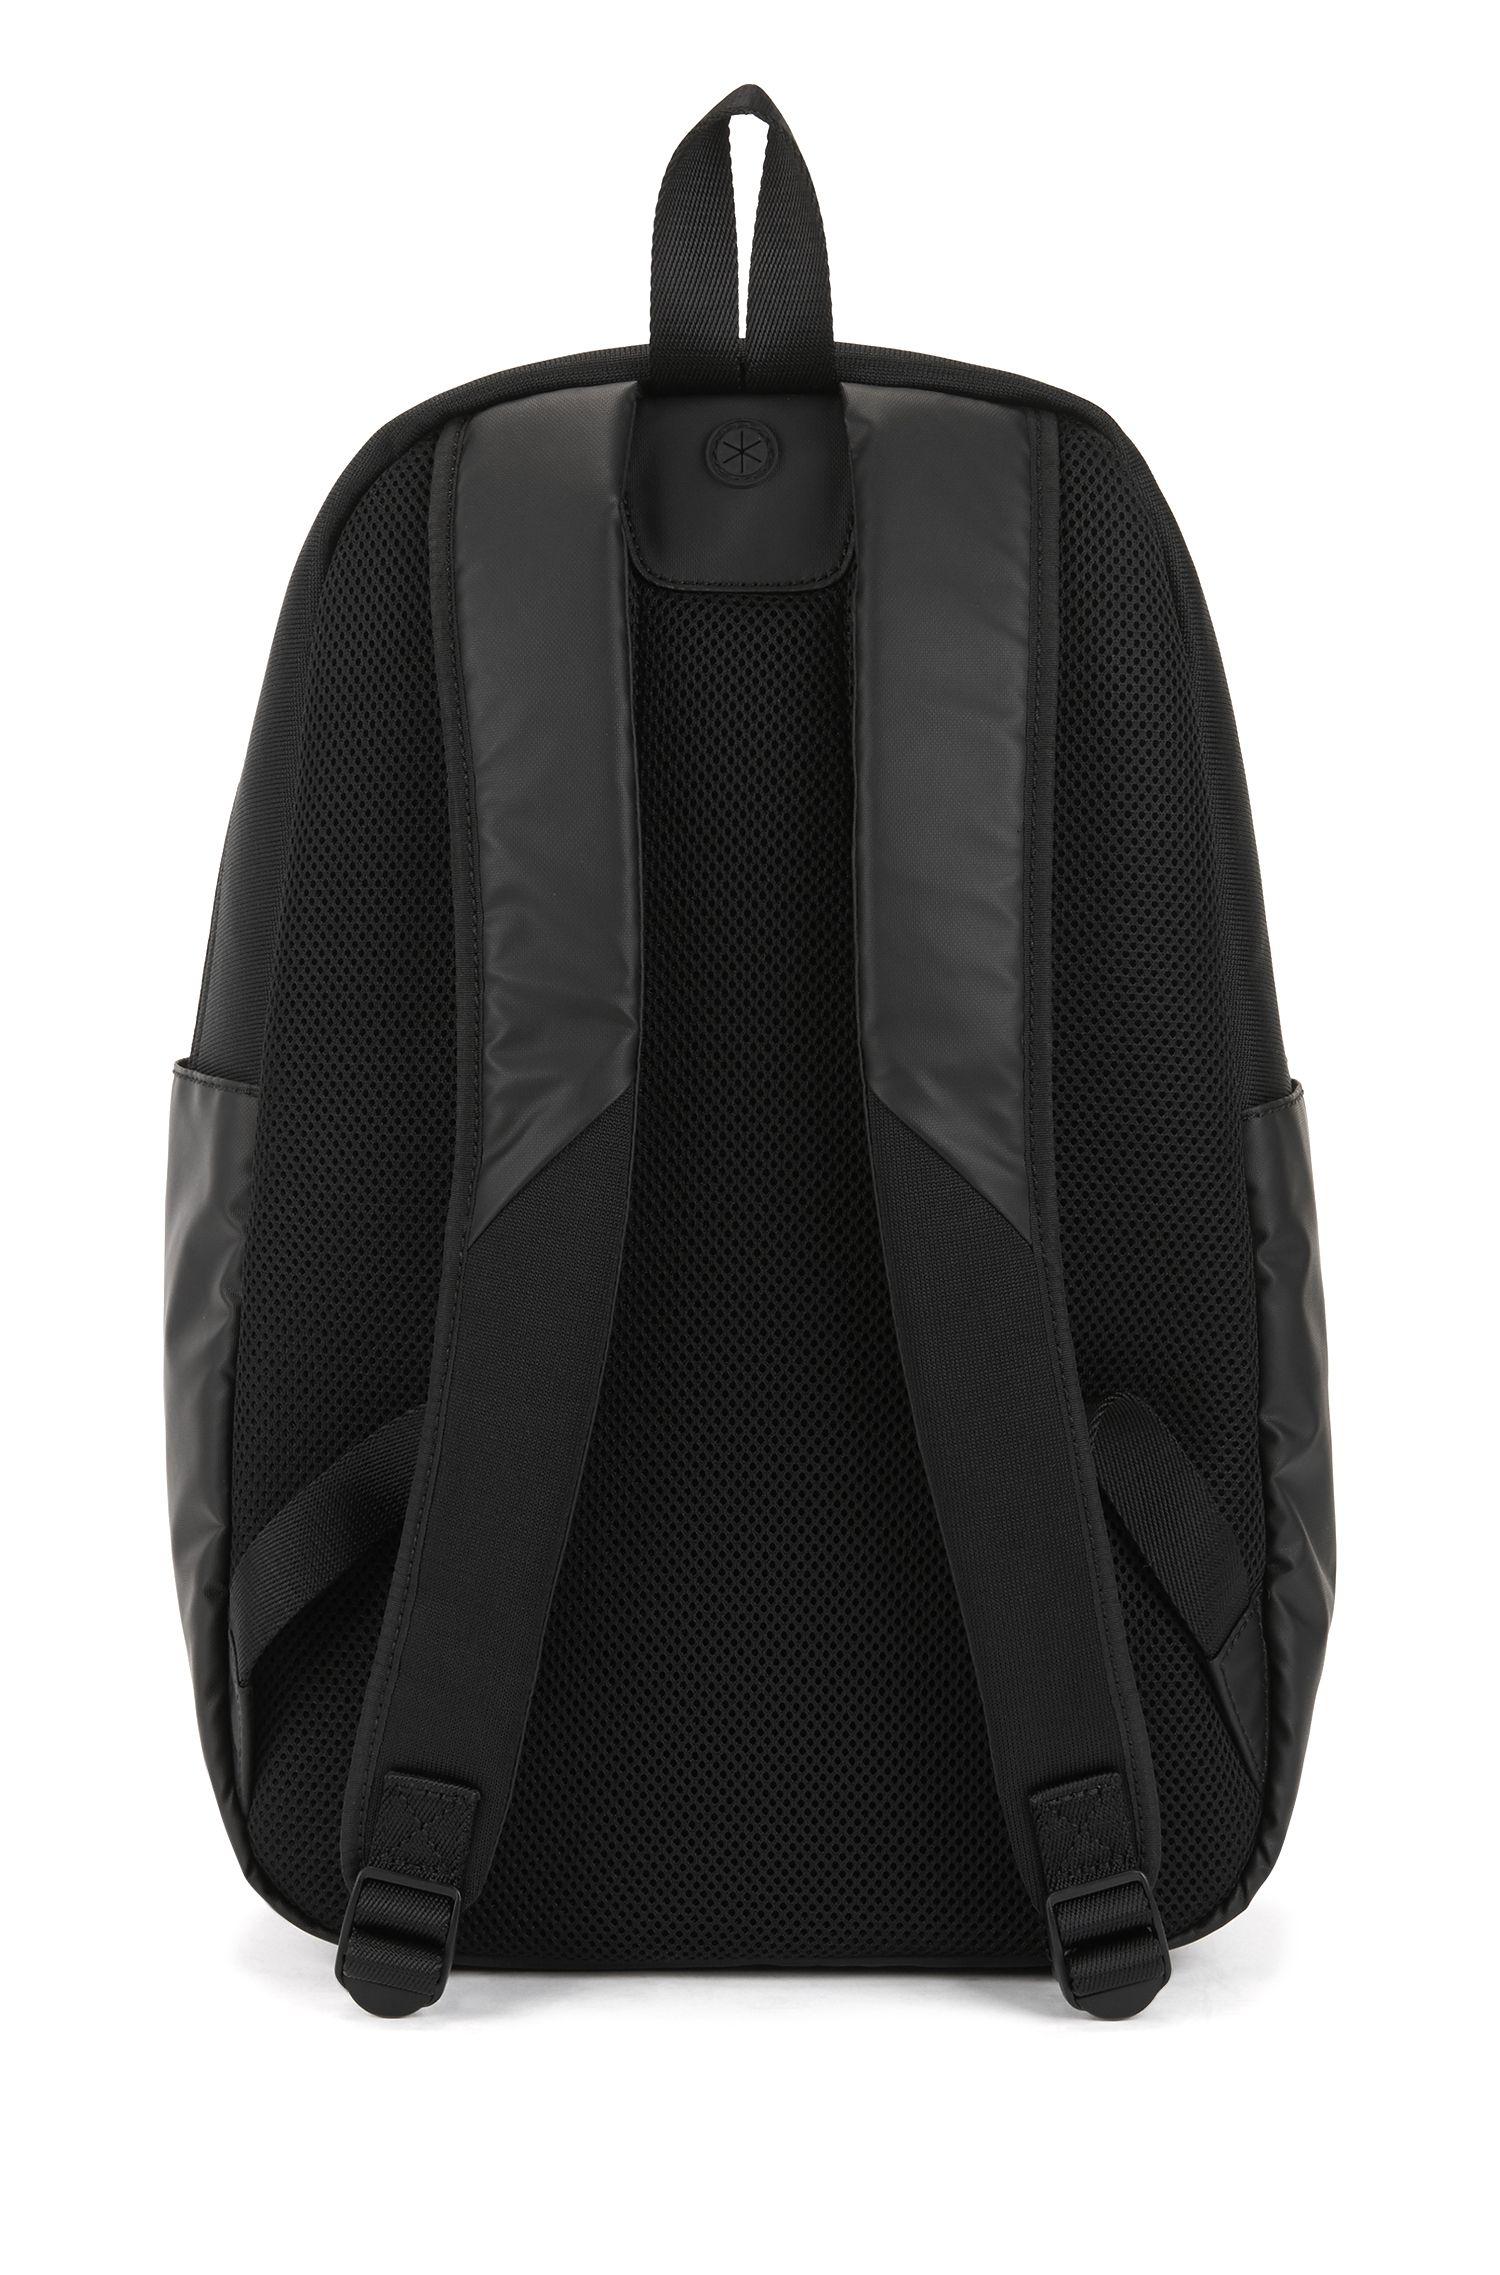 Rucksack mit Kopfhörer-Öffnung und Laptop-Fach, Schwarz